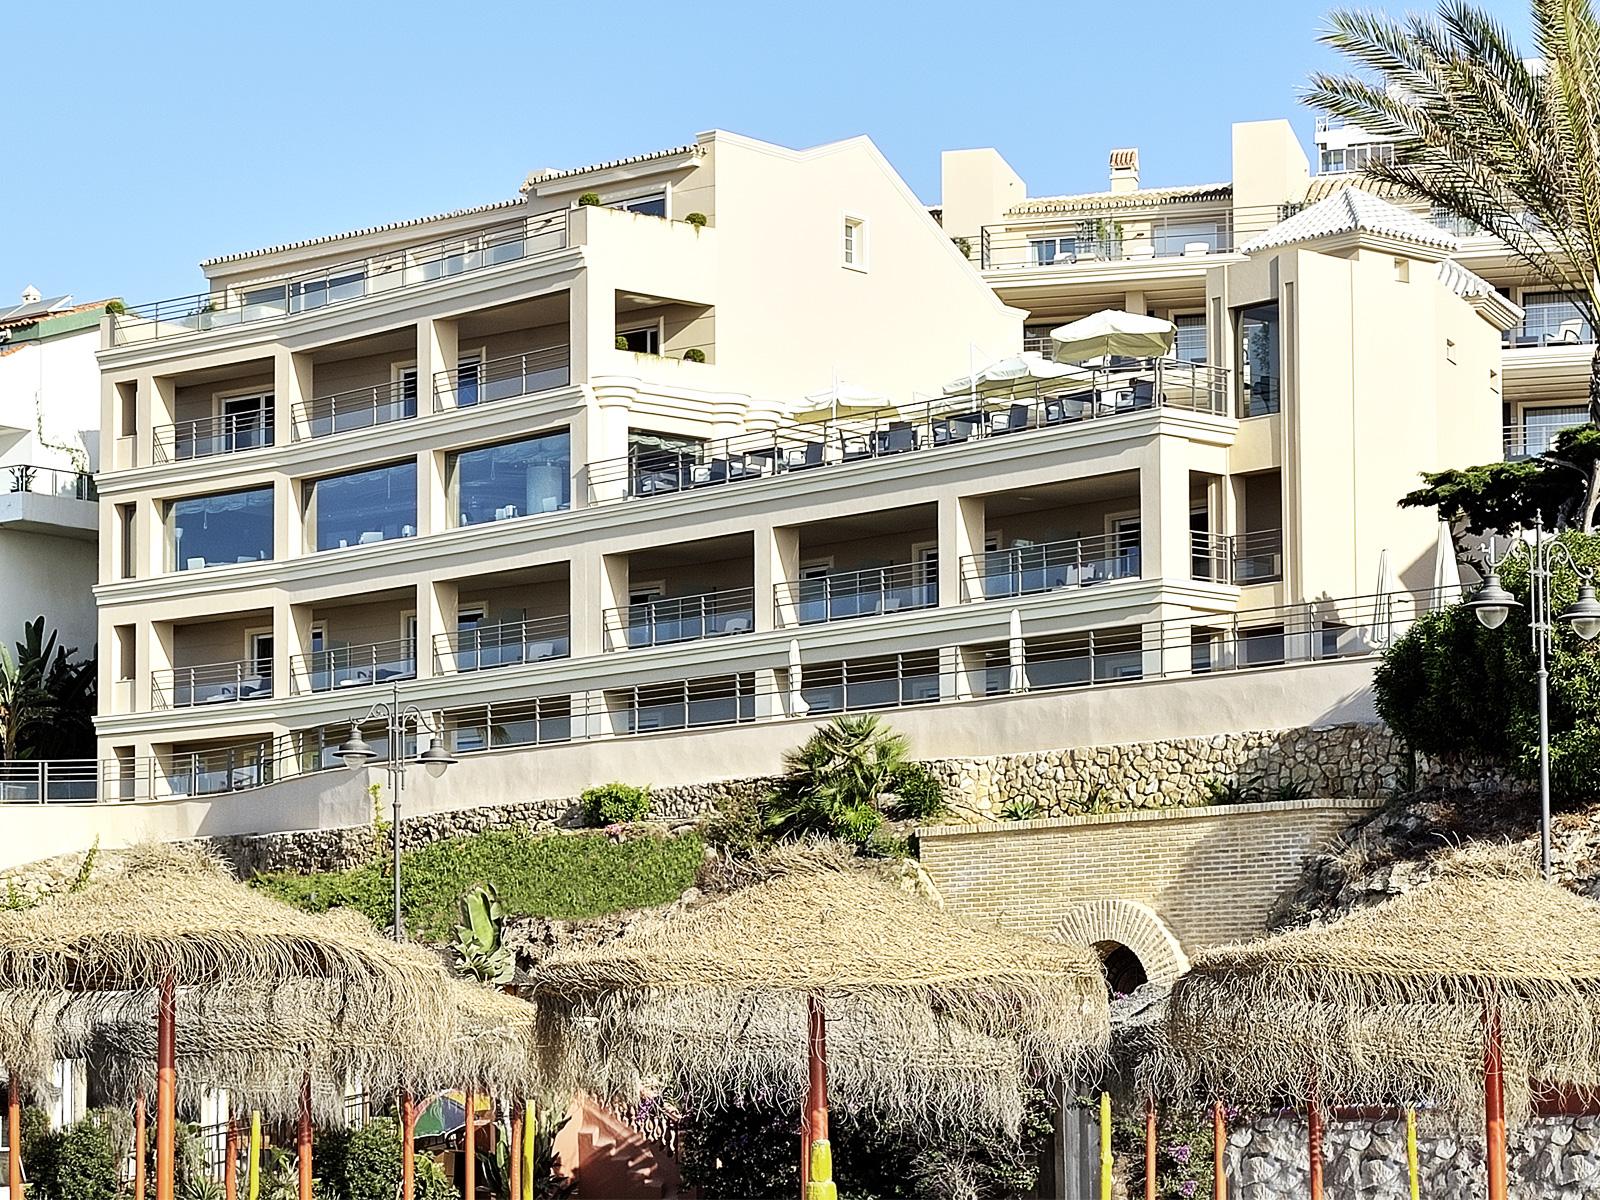 Fachada-Vincci Aleysa Boutique&Spa 5* - Benalmádena - Málaga